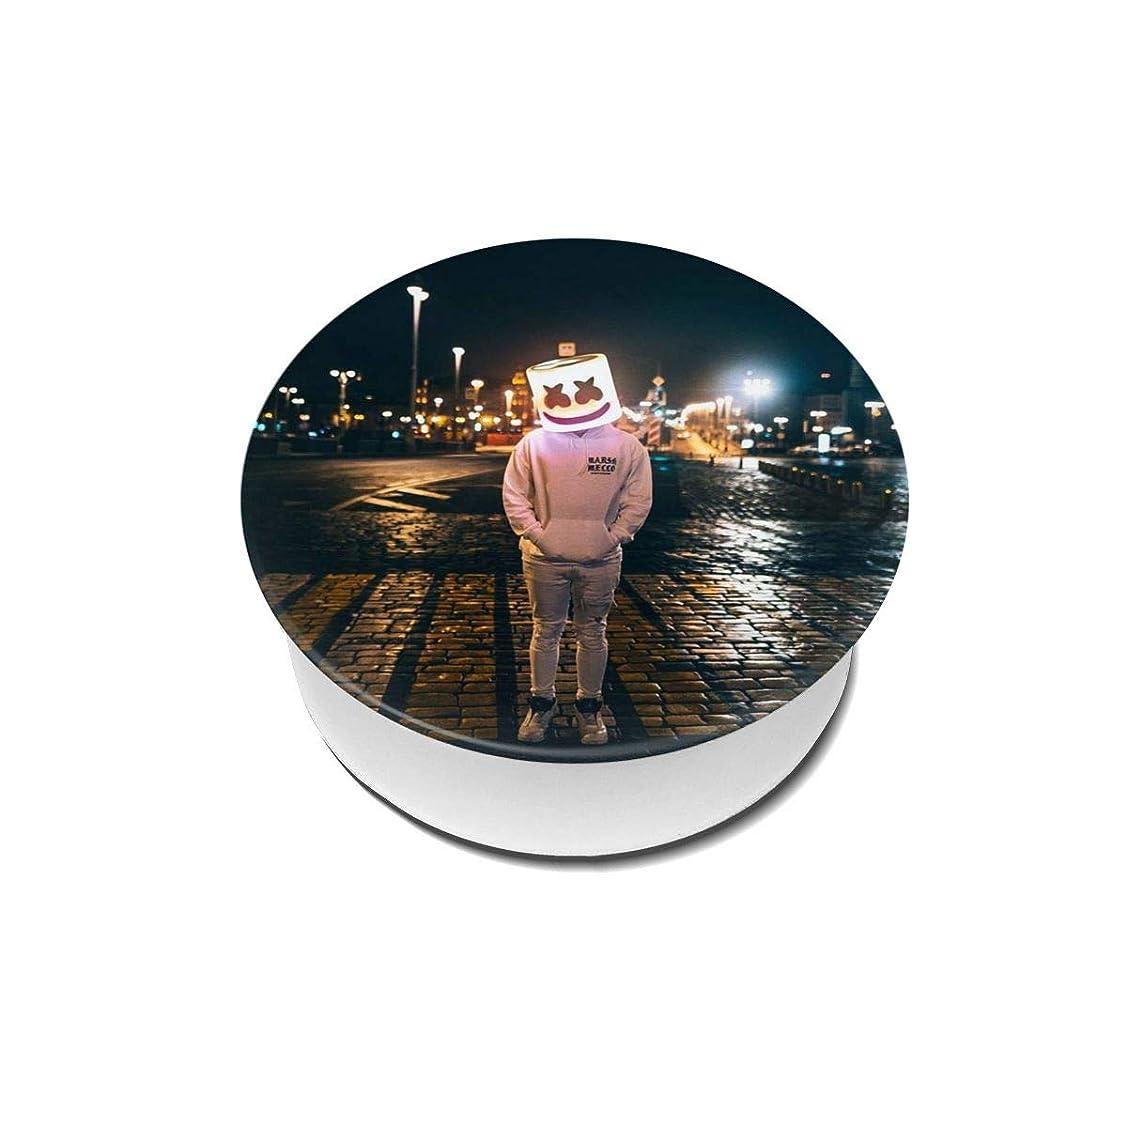 教えレギュラー終わったYinian 4個入リ マシュメロ Marshmello スマホリング/スマホスタンド/スマホグリップ/スマホアクセサリー バンカーリング スマホ リング おしゃれ ホールドリング 薄型 スタンド機能 ホルダー 落下防止 軽い 各種他対応/iPhone/Android(2pcs入リ)